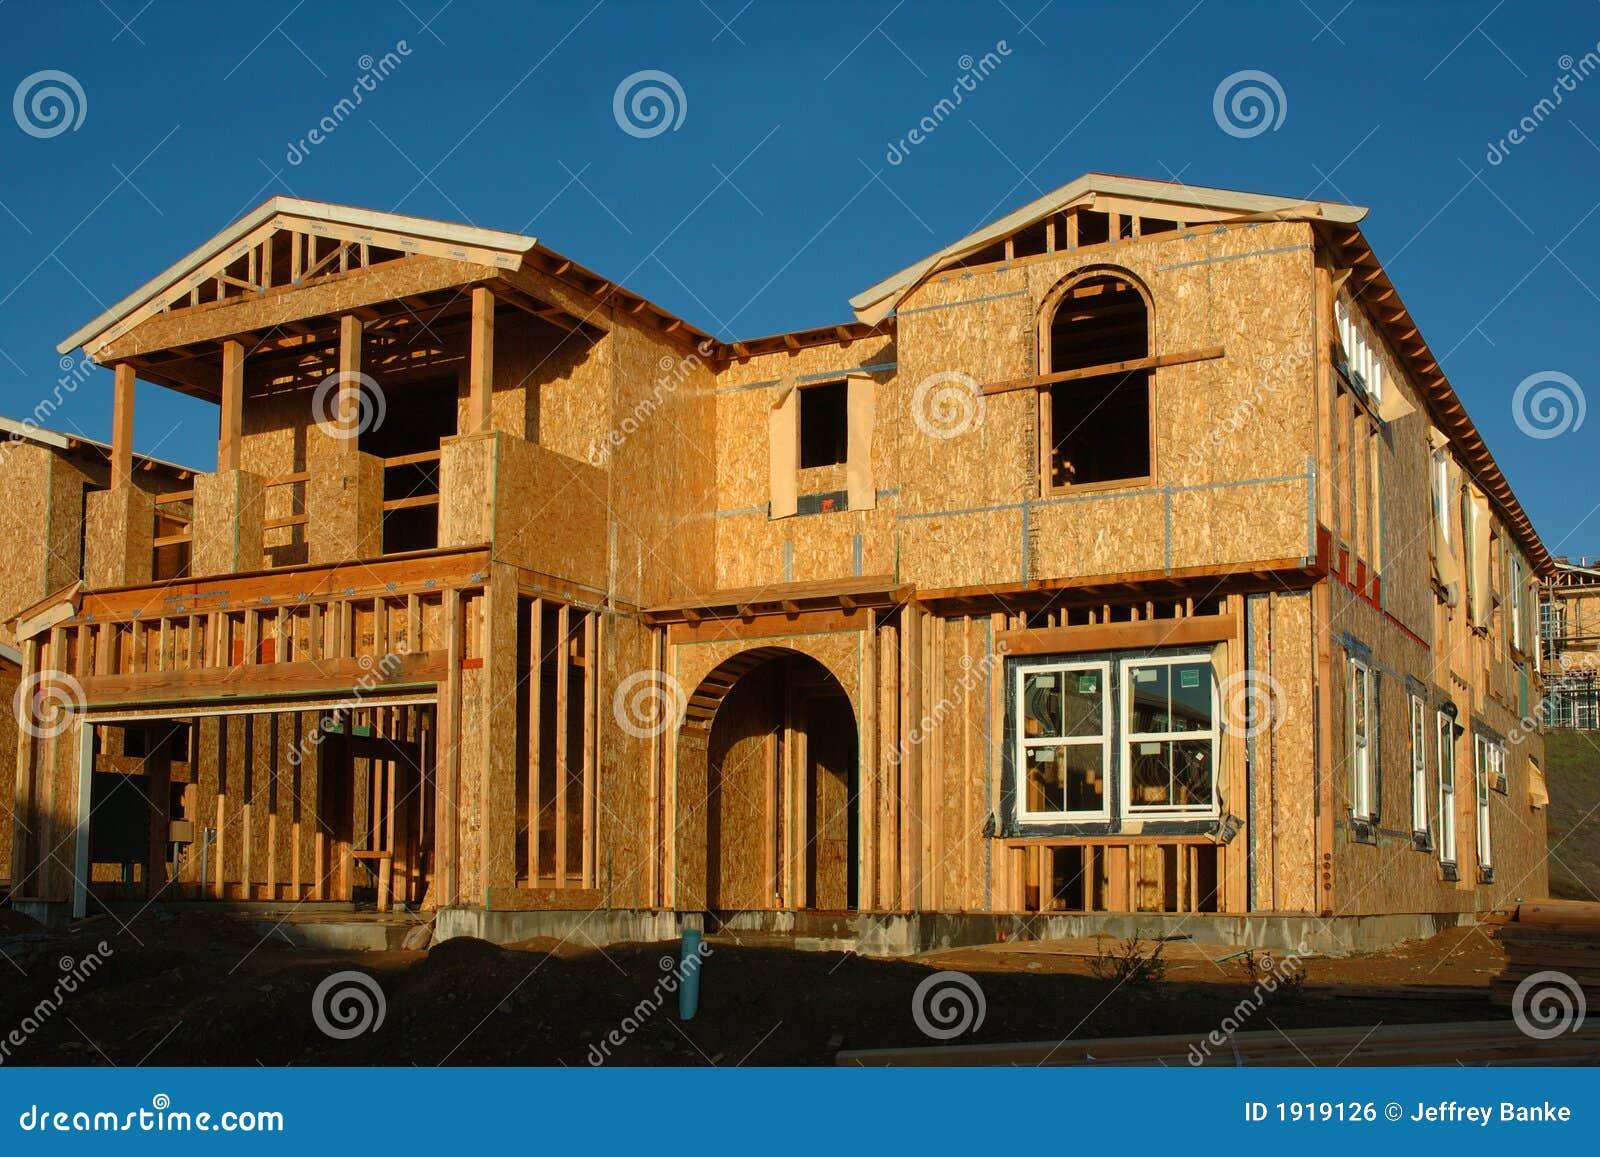 Maison moderne en construction image libre de droits   image: 1919126